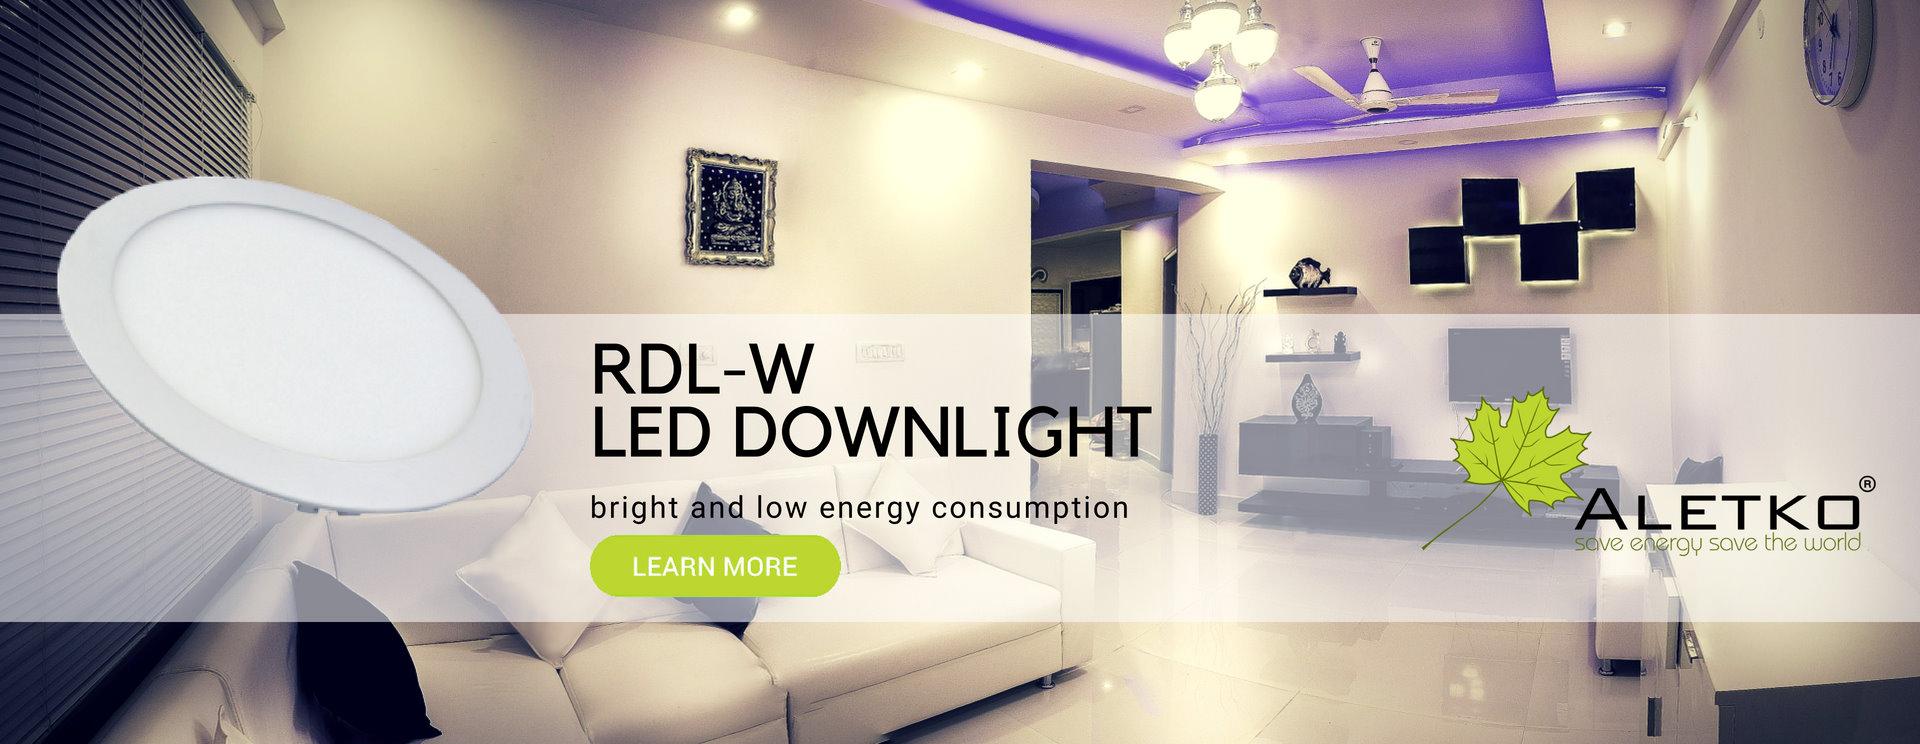 RDL-W